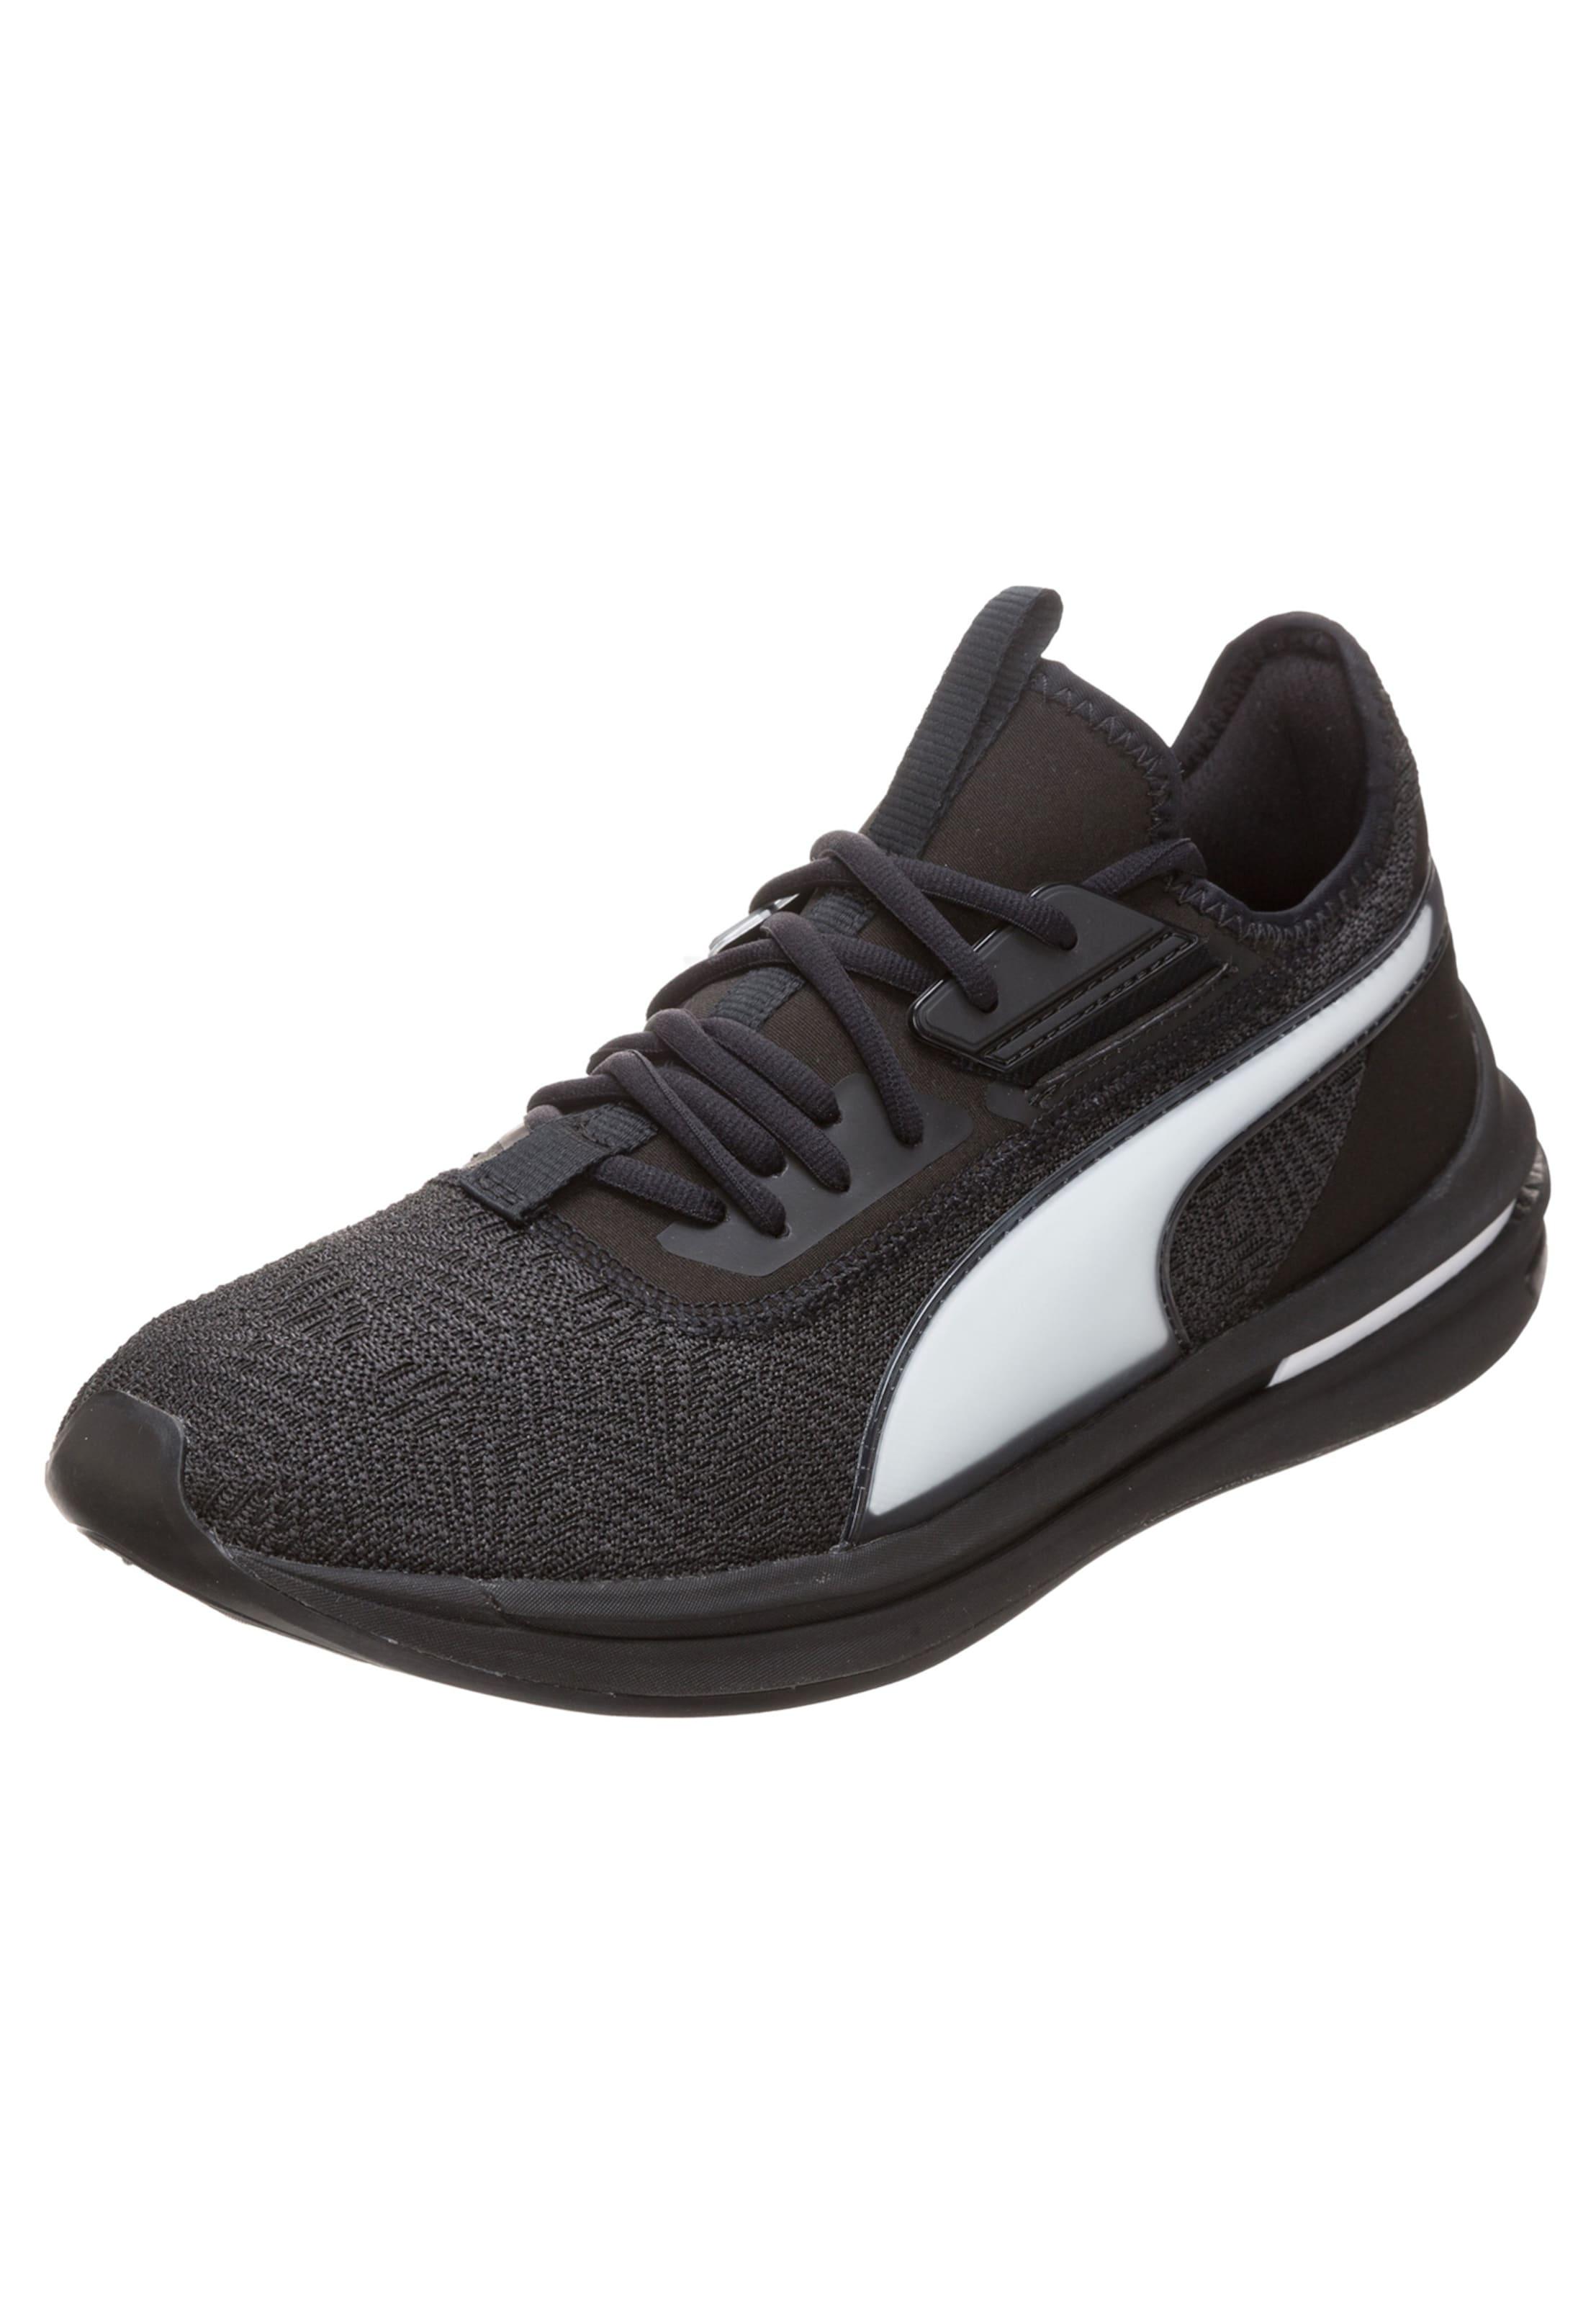 Puma Sneaker Sr 'ignite 71' SchwarzWeiß Limitless In zGqVpMSU